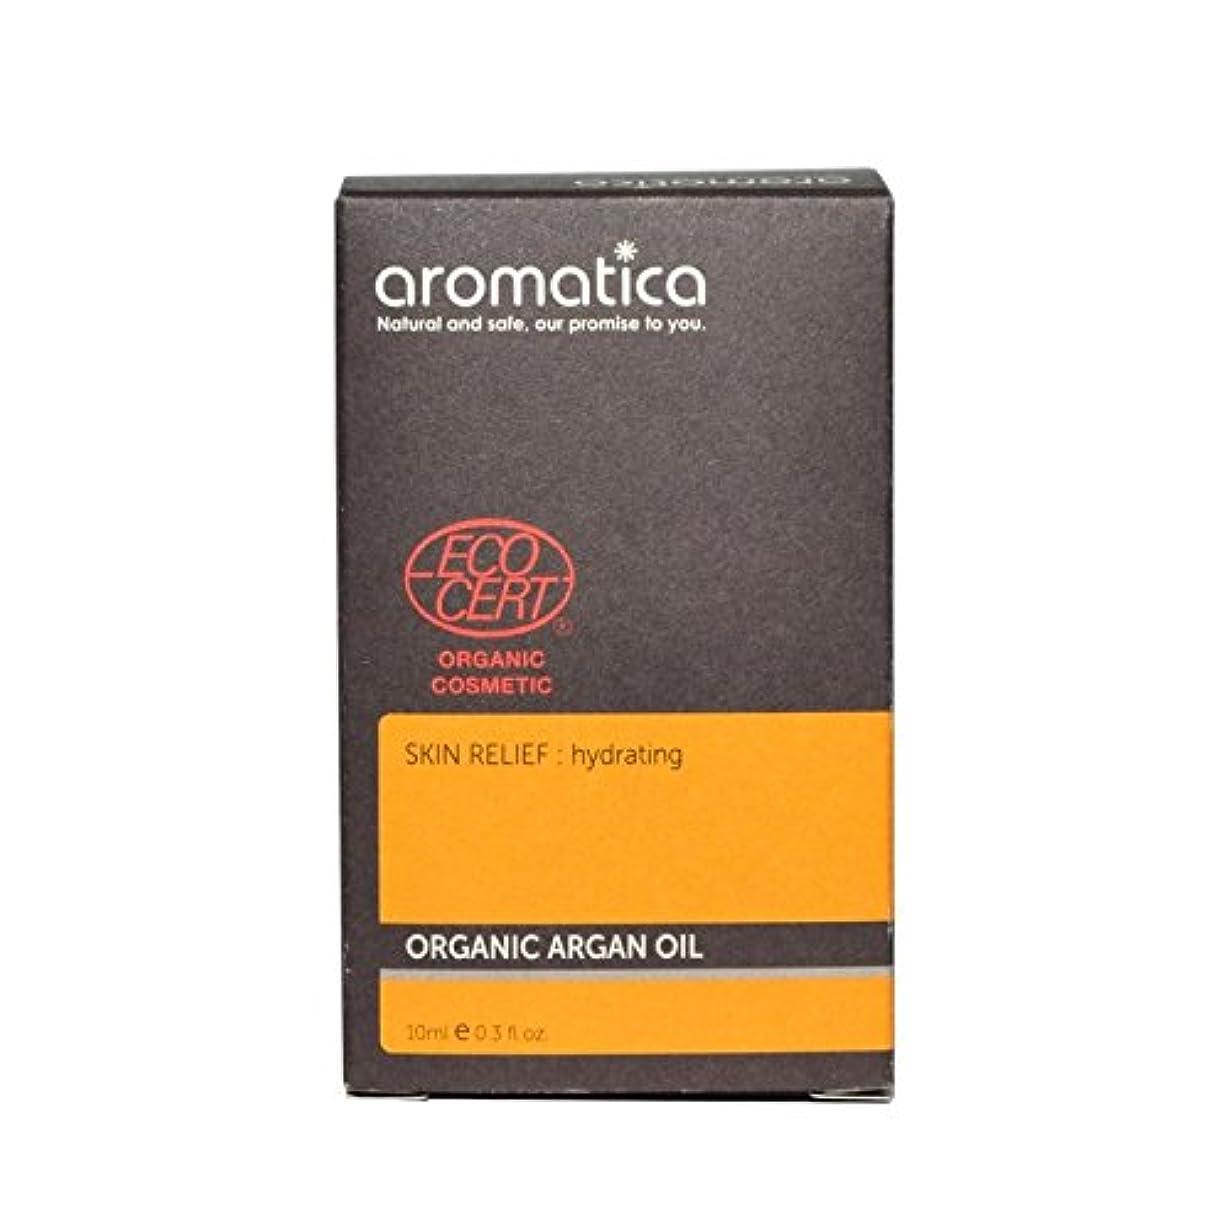 エキスパートわがまま我慢するaromatica Organic Argan Oil 10ml (Pack of 6) - オーガニックアルガンオイル10ミリリットル x6 [並行輸入品]